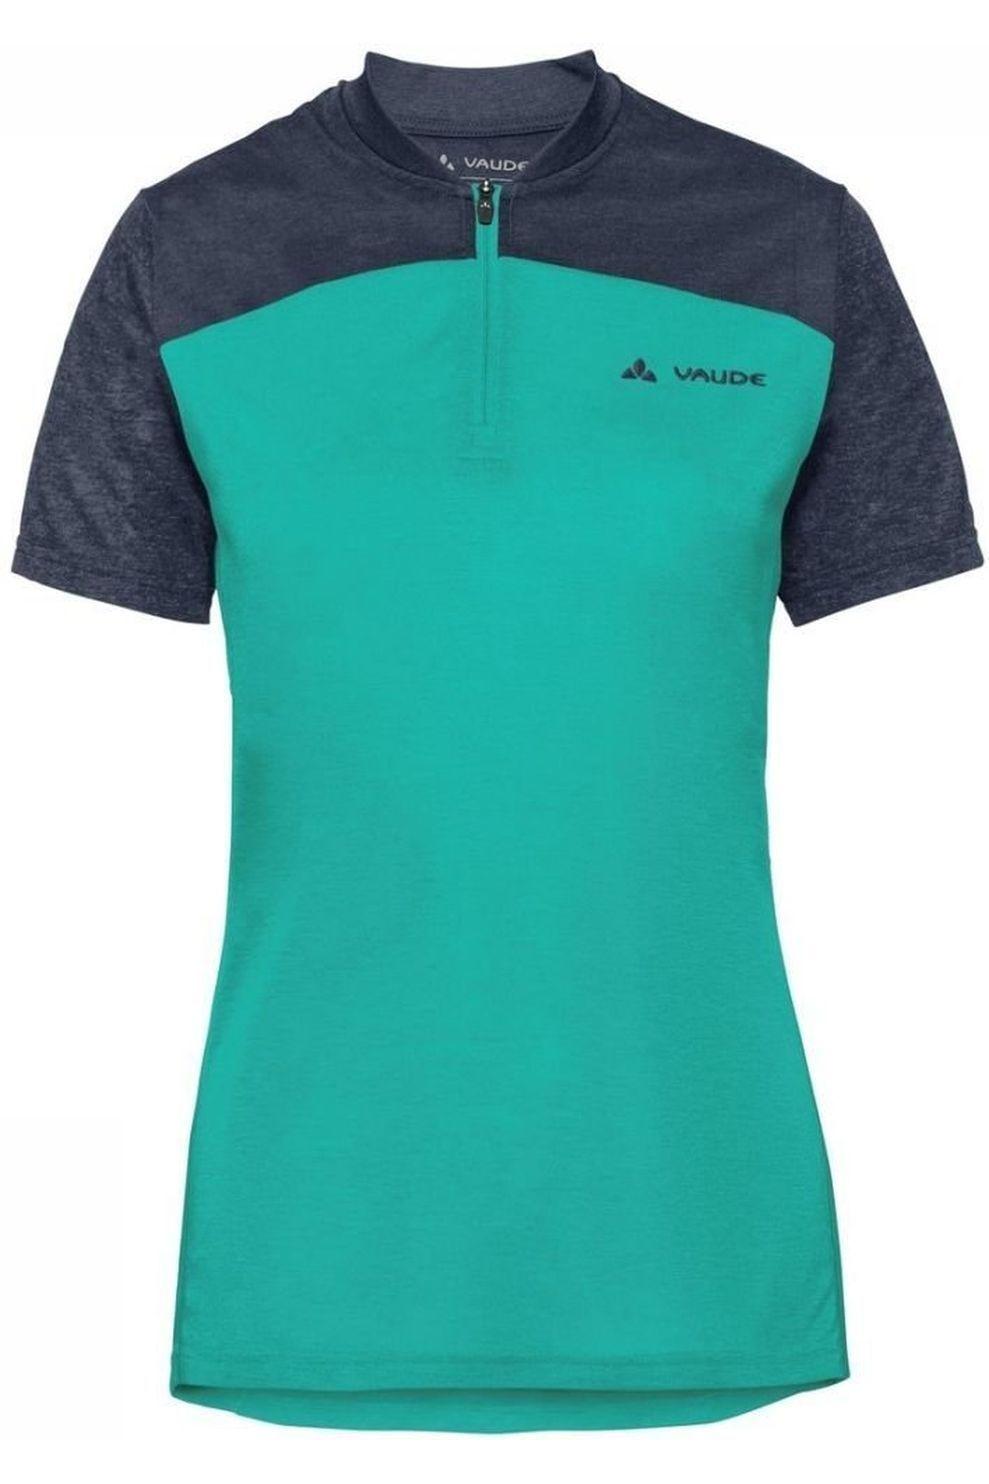 VAUDE T-Shirt Tremalzo IV voor dames - Blauw - Maat: 38